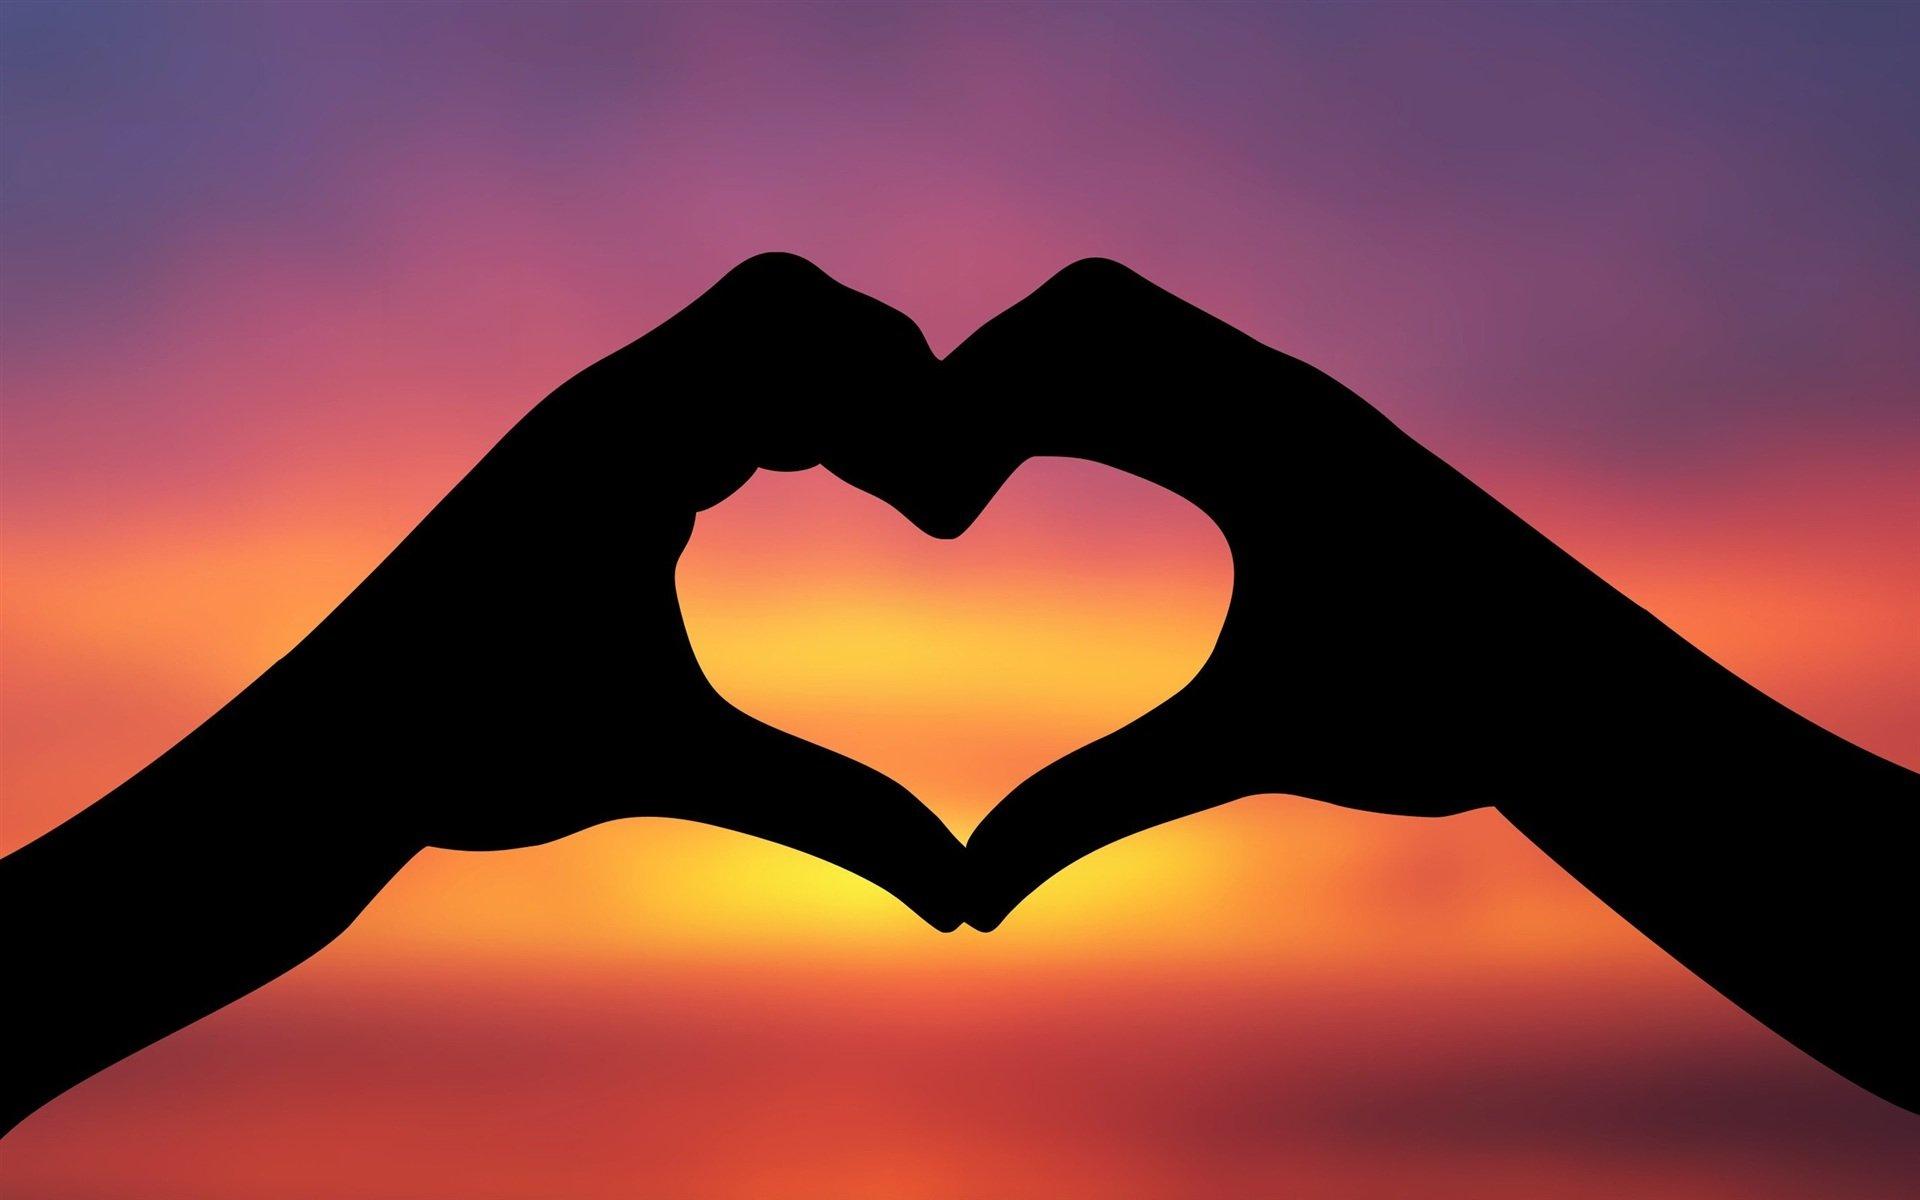 Красивые романтические картинки о любви с надписями со смыслом, поздравительная